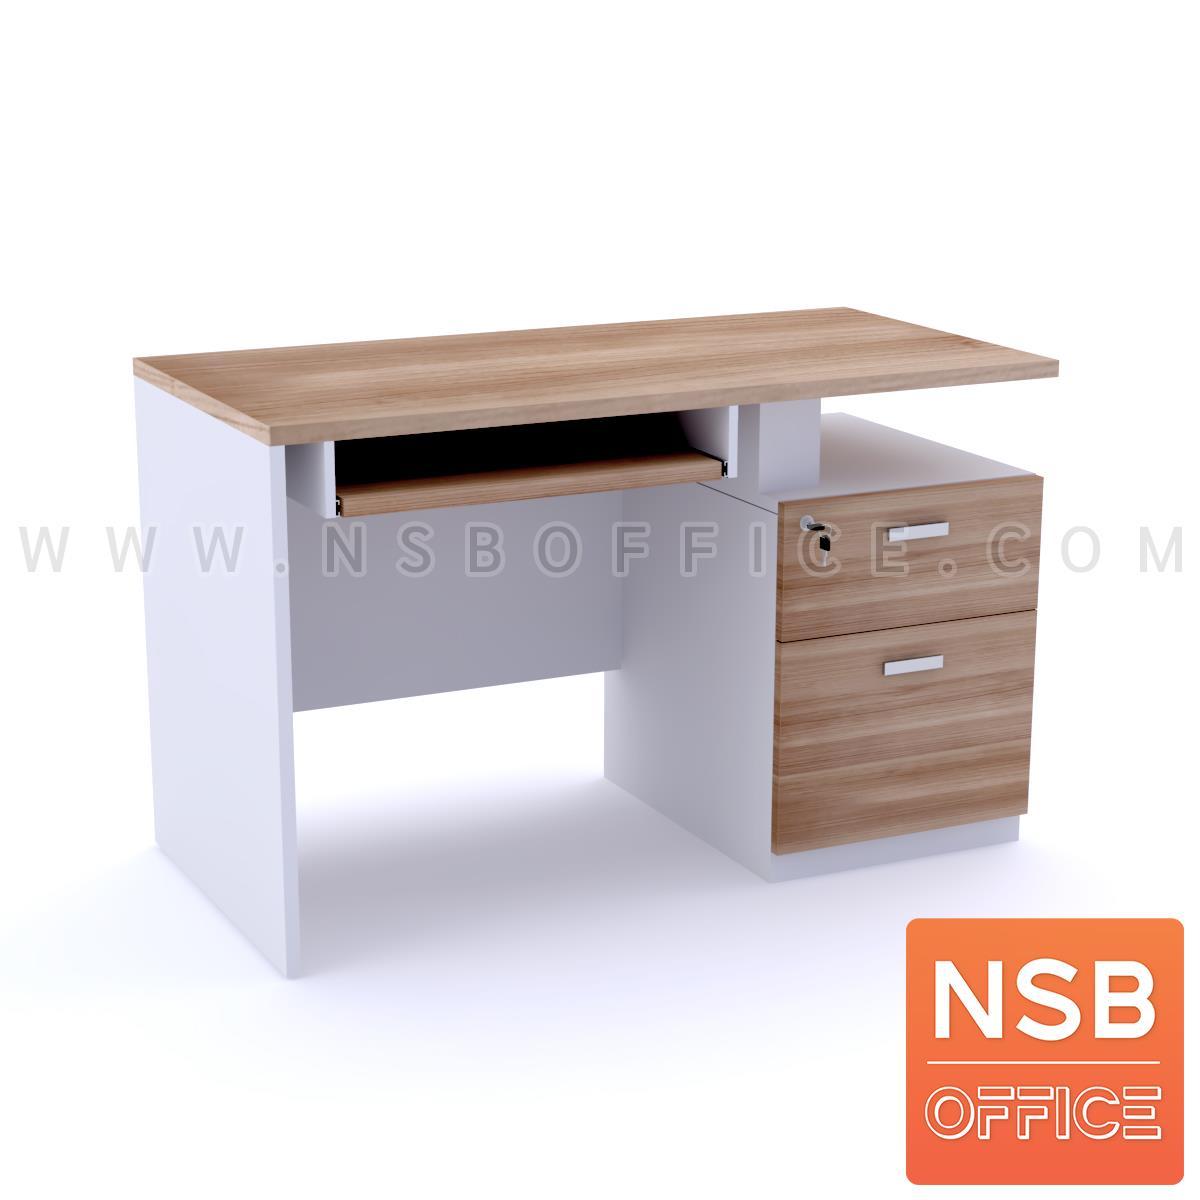 A12A045:โต๊ะคอมพิวเตอร์ 2 ลิ้นชัก รุ่น Bamford (แบมฟอร์ด) ขนาด 120W ,135W ,150W ,160W cm.  พร้อมรางคีย์บอร์ด เมลามีน